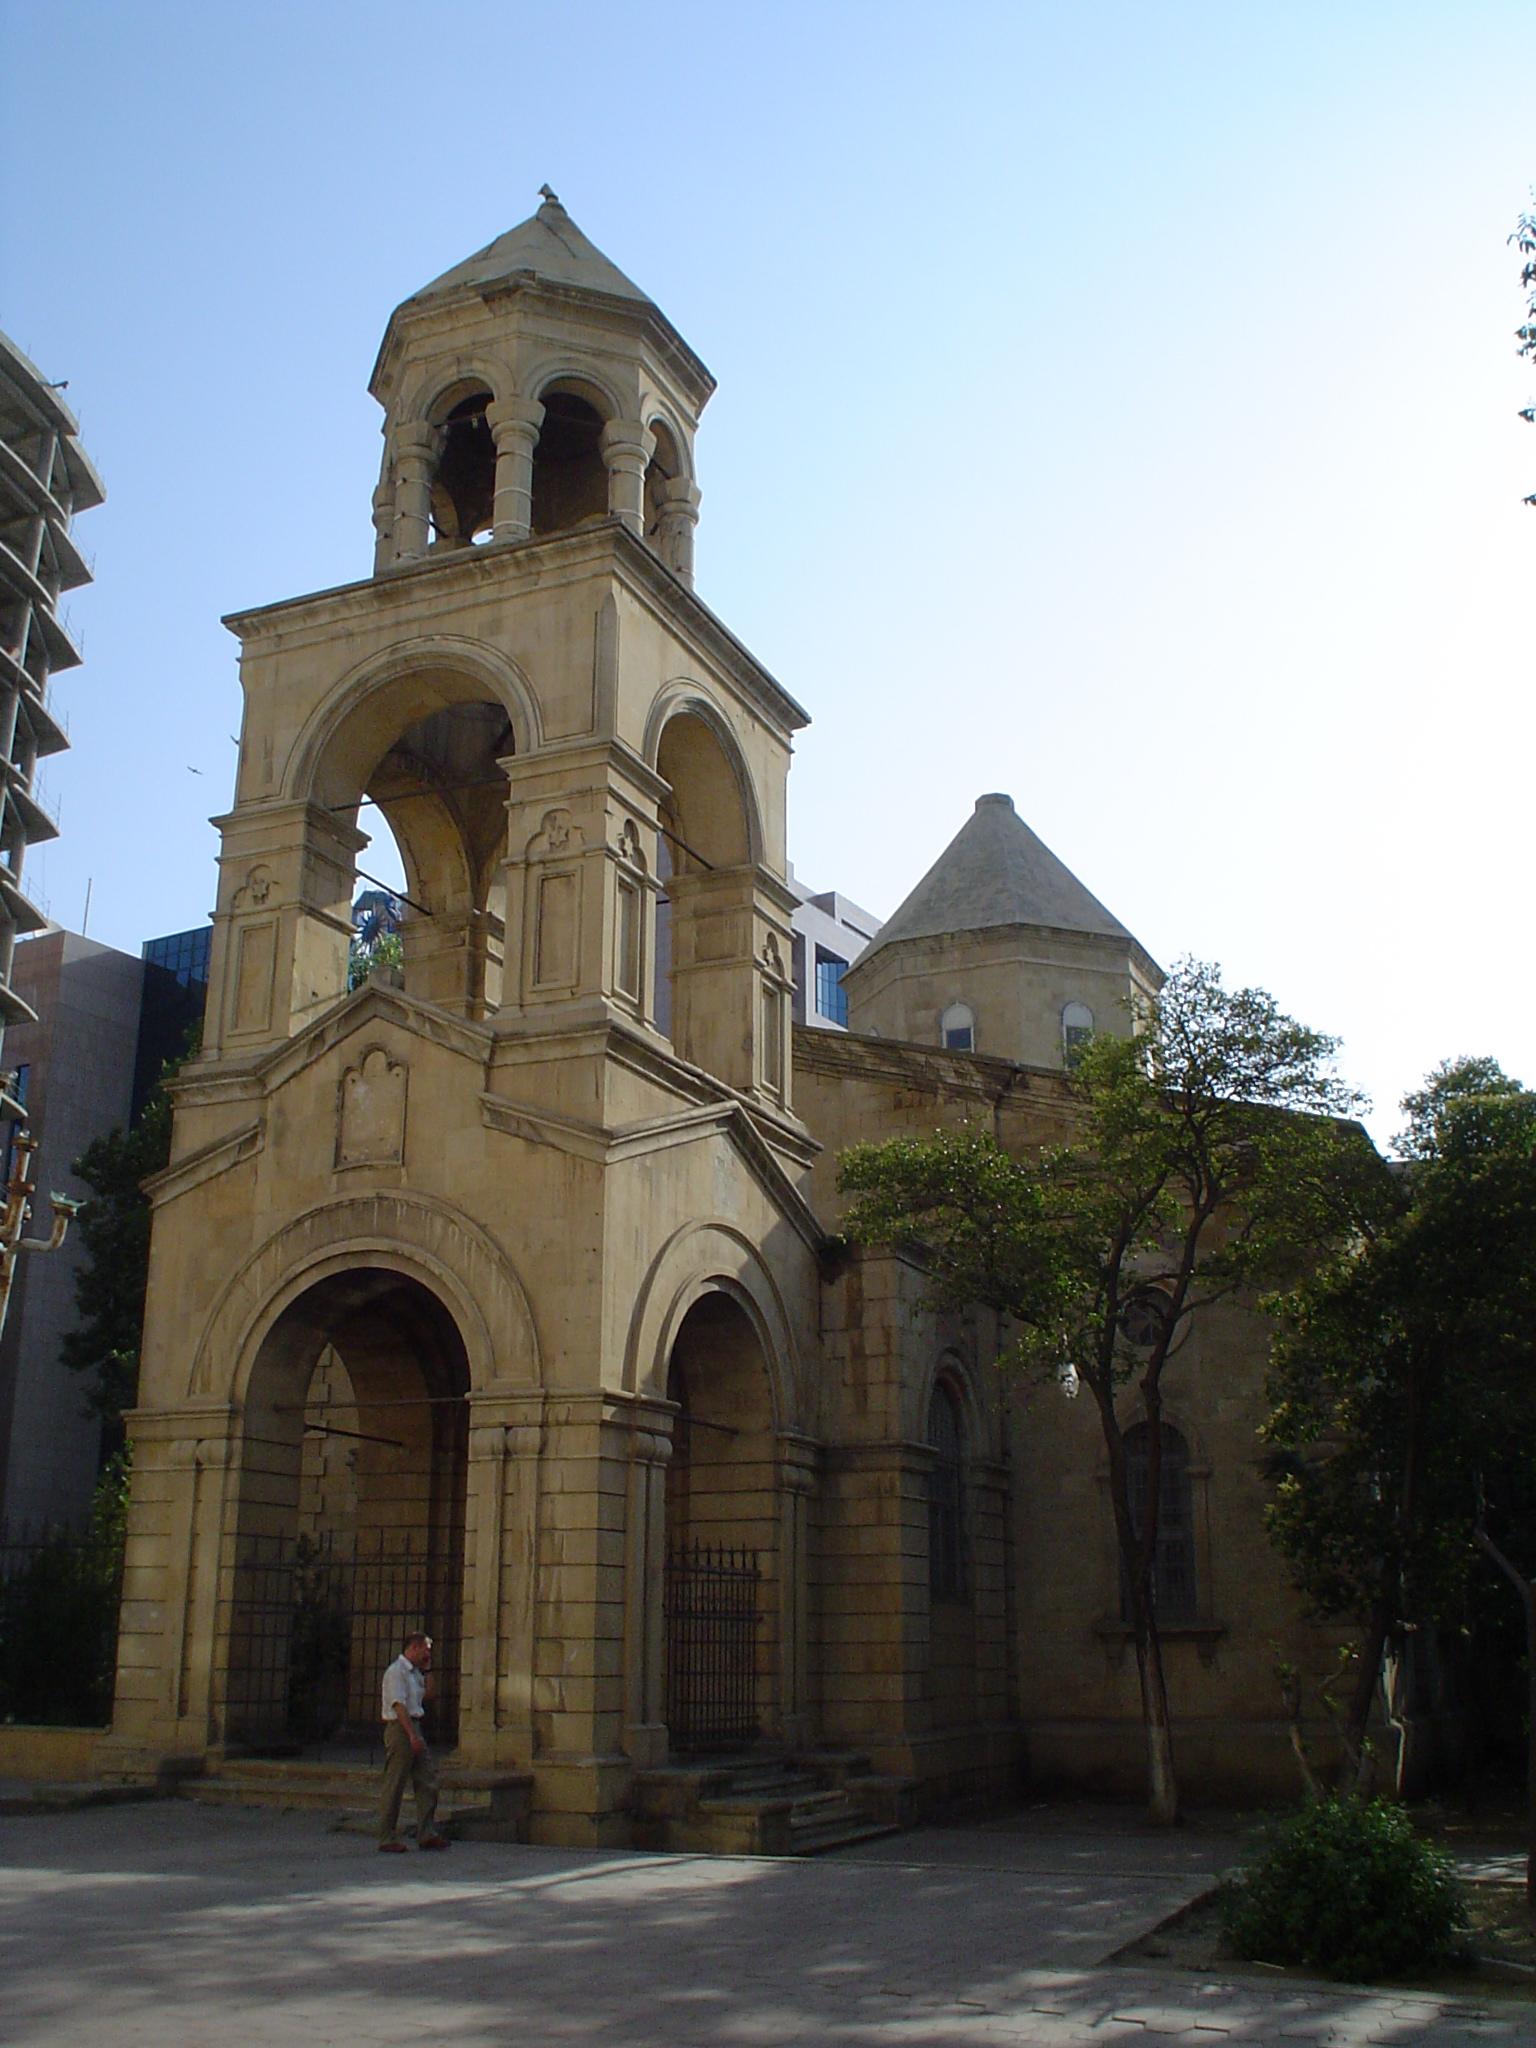 Բաքվի հայկական եկեղեցին, որի գմբեթից հանված է խաչը